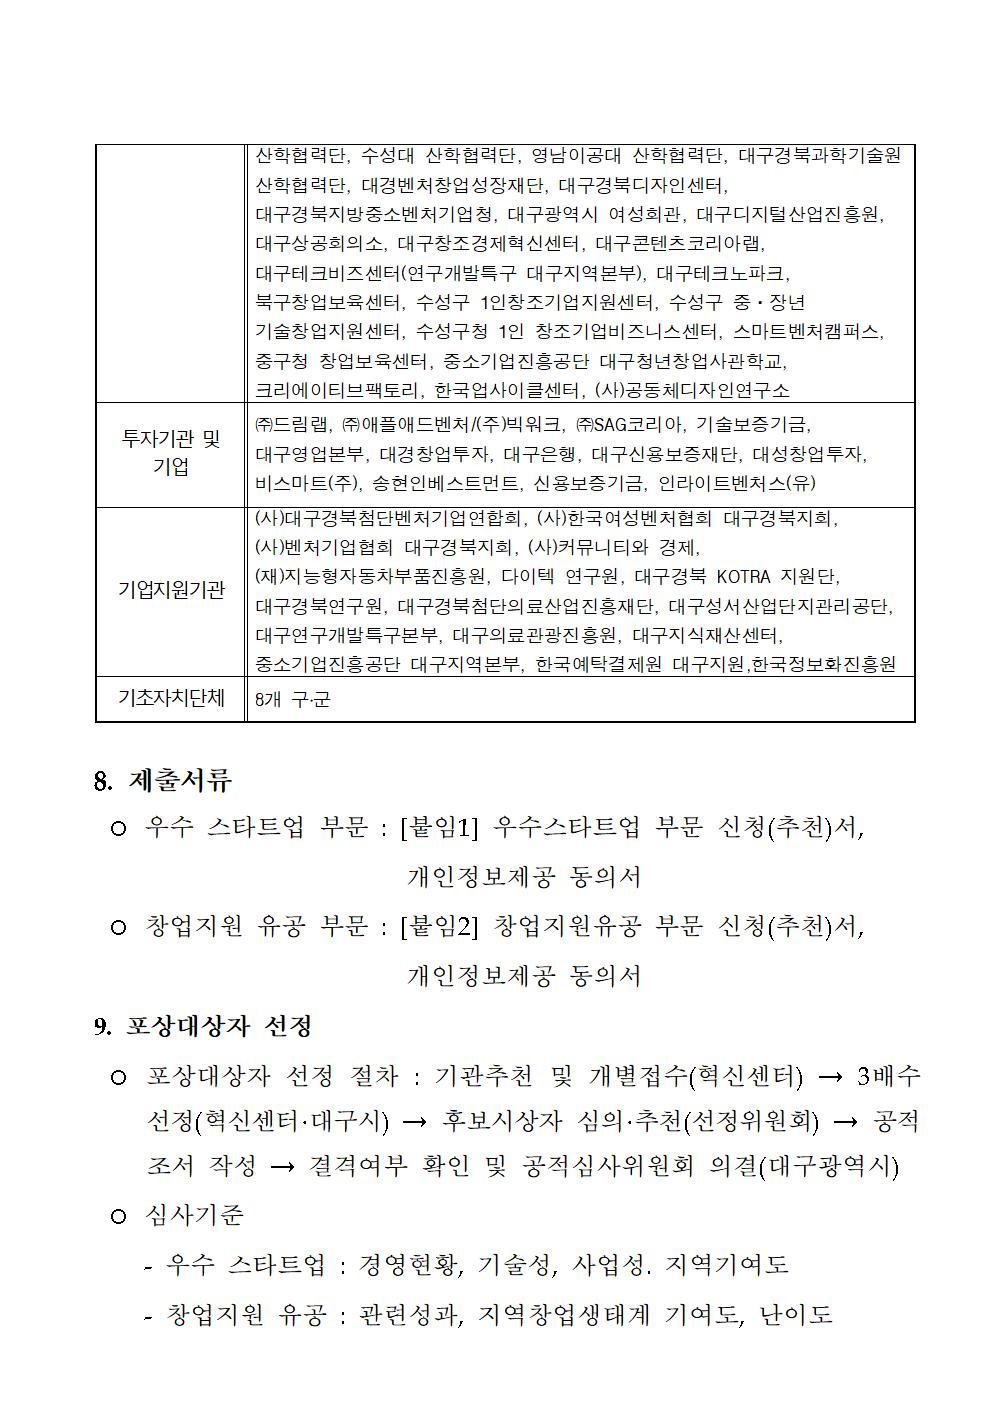 붙임1_[공고문] 2020 제4회 대구스타트업 어워즈 수상 후보자 공모003.jpg